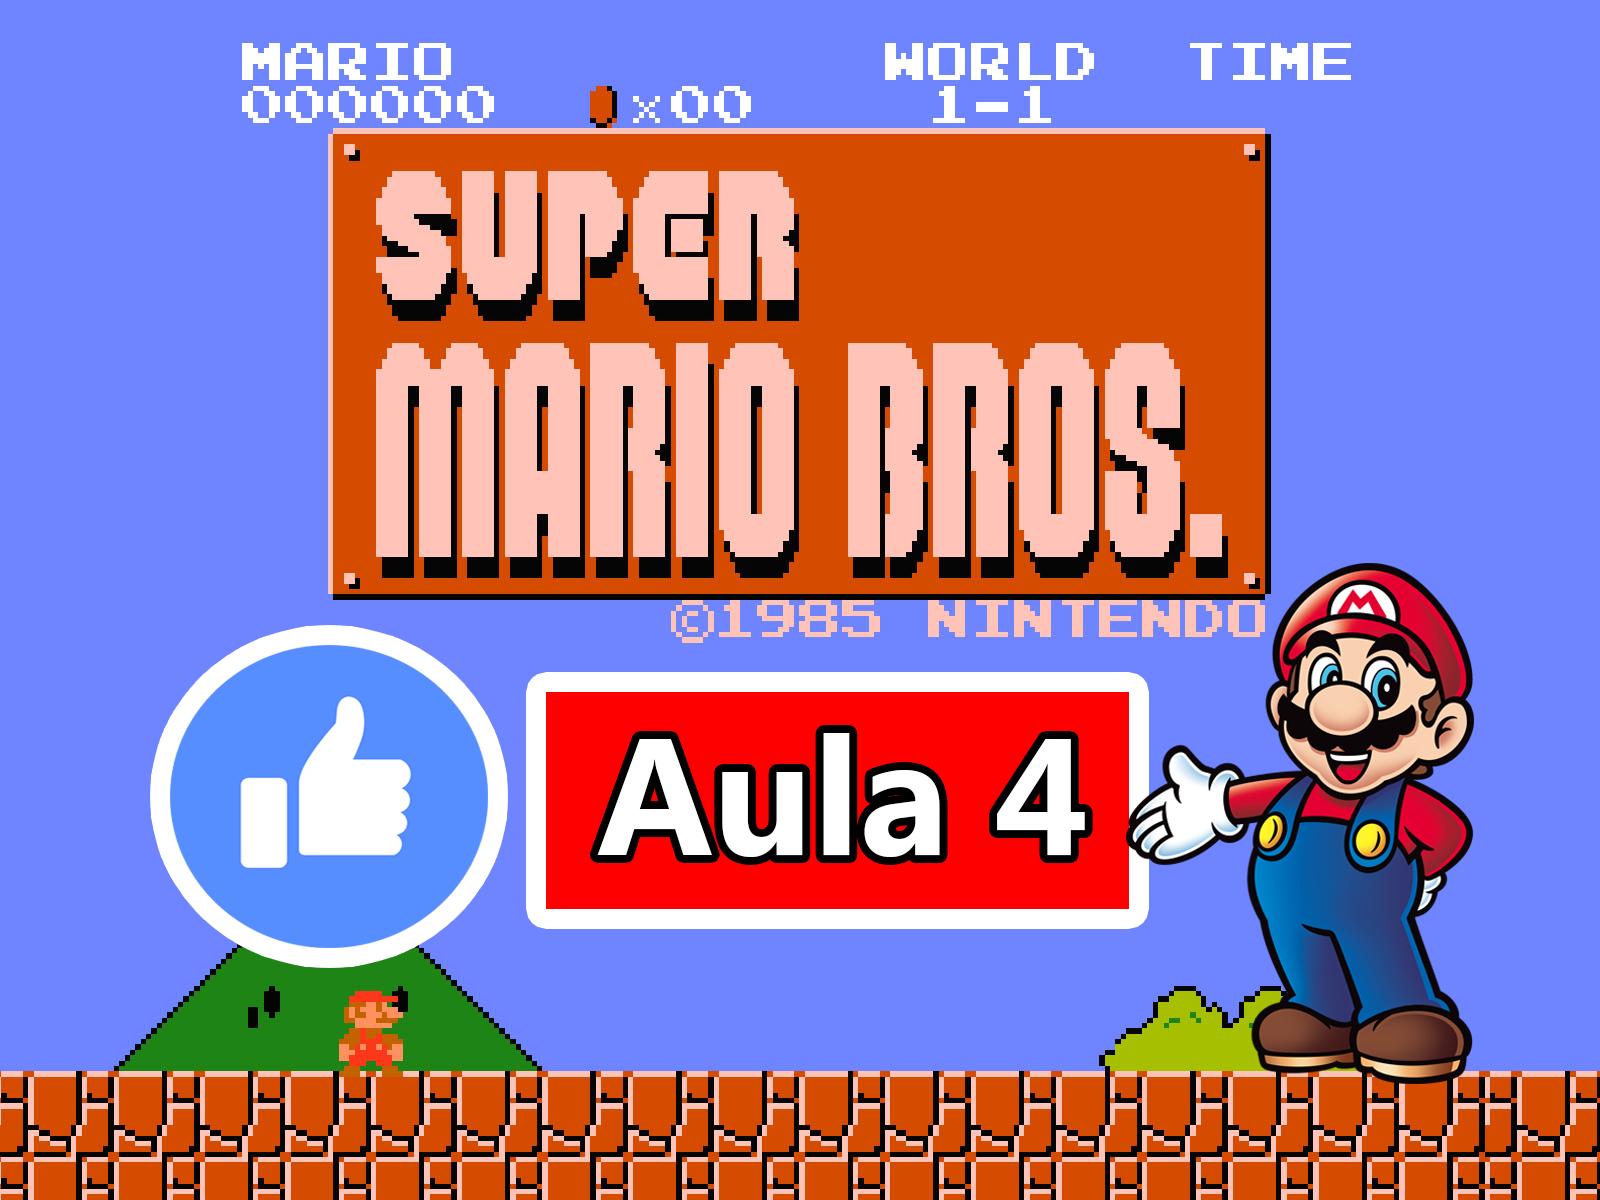 GameMaker – Criando o Jogo do Super Mario Bros #Aula4